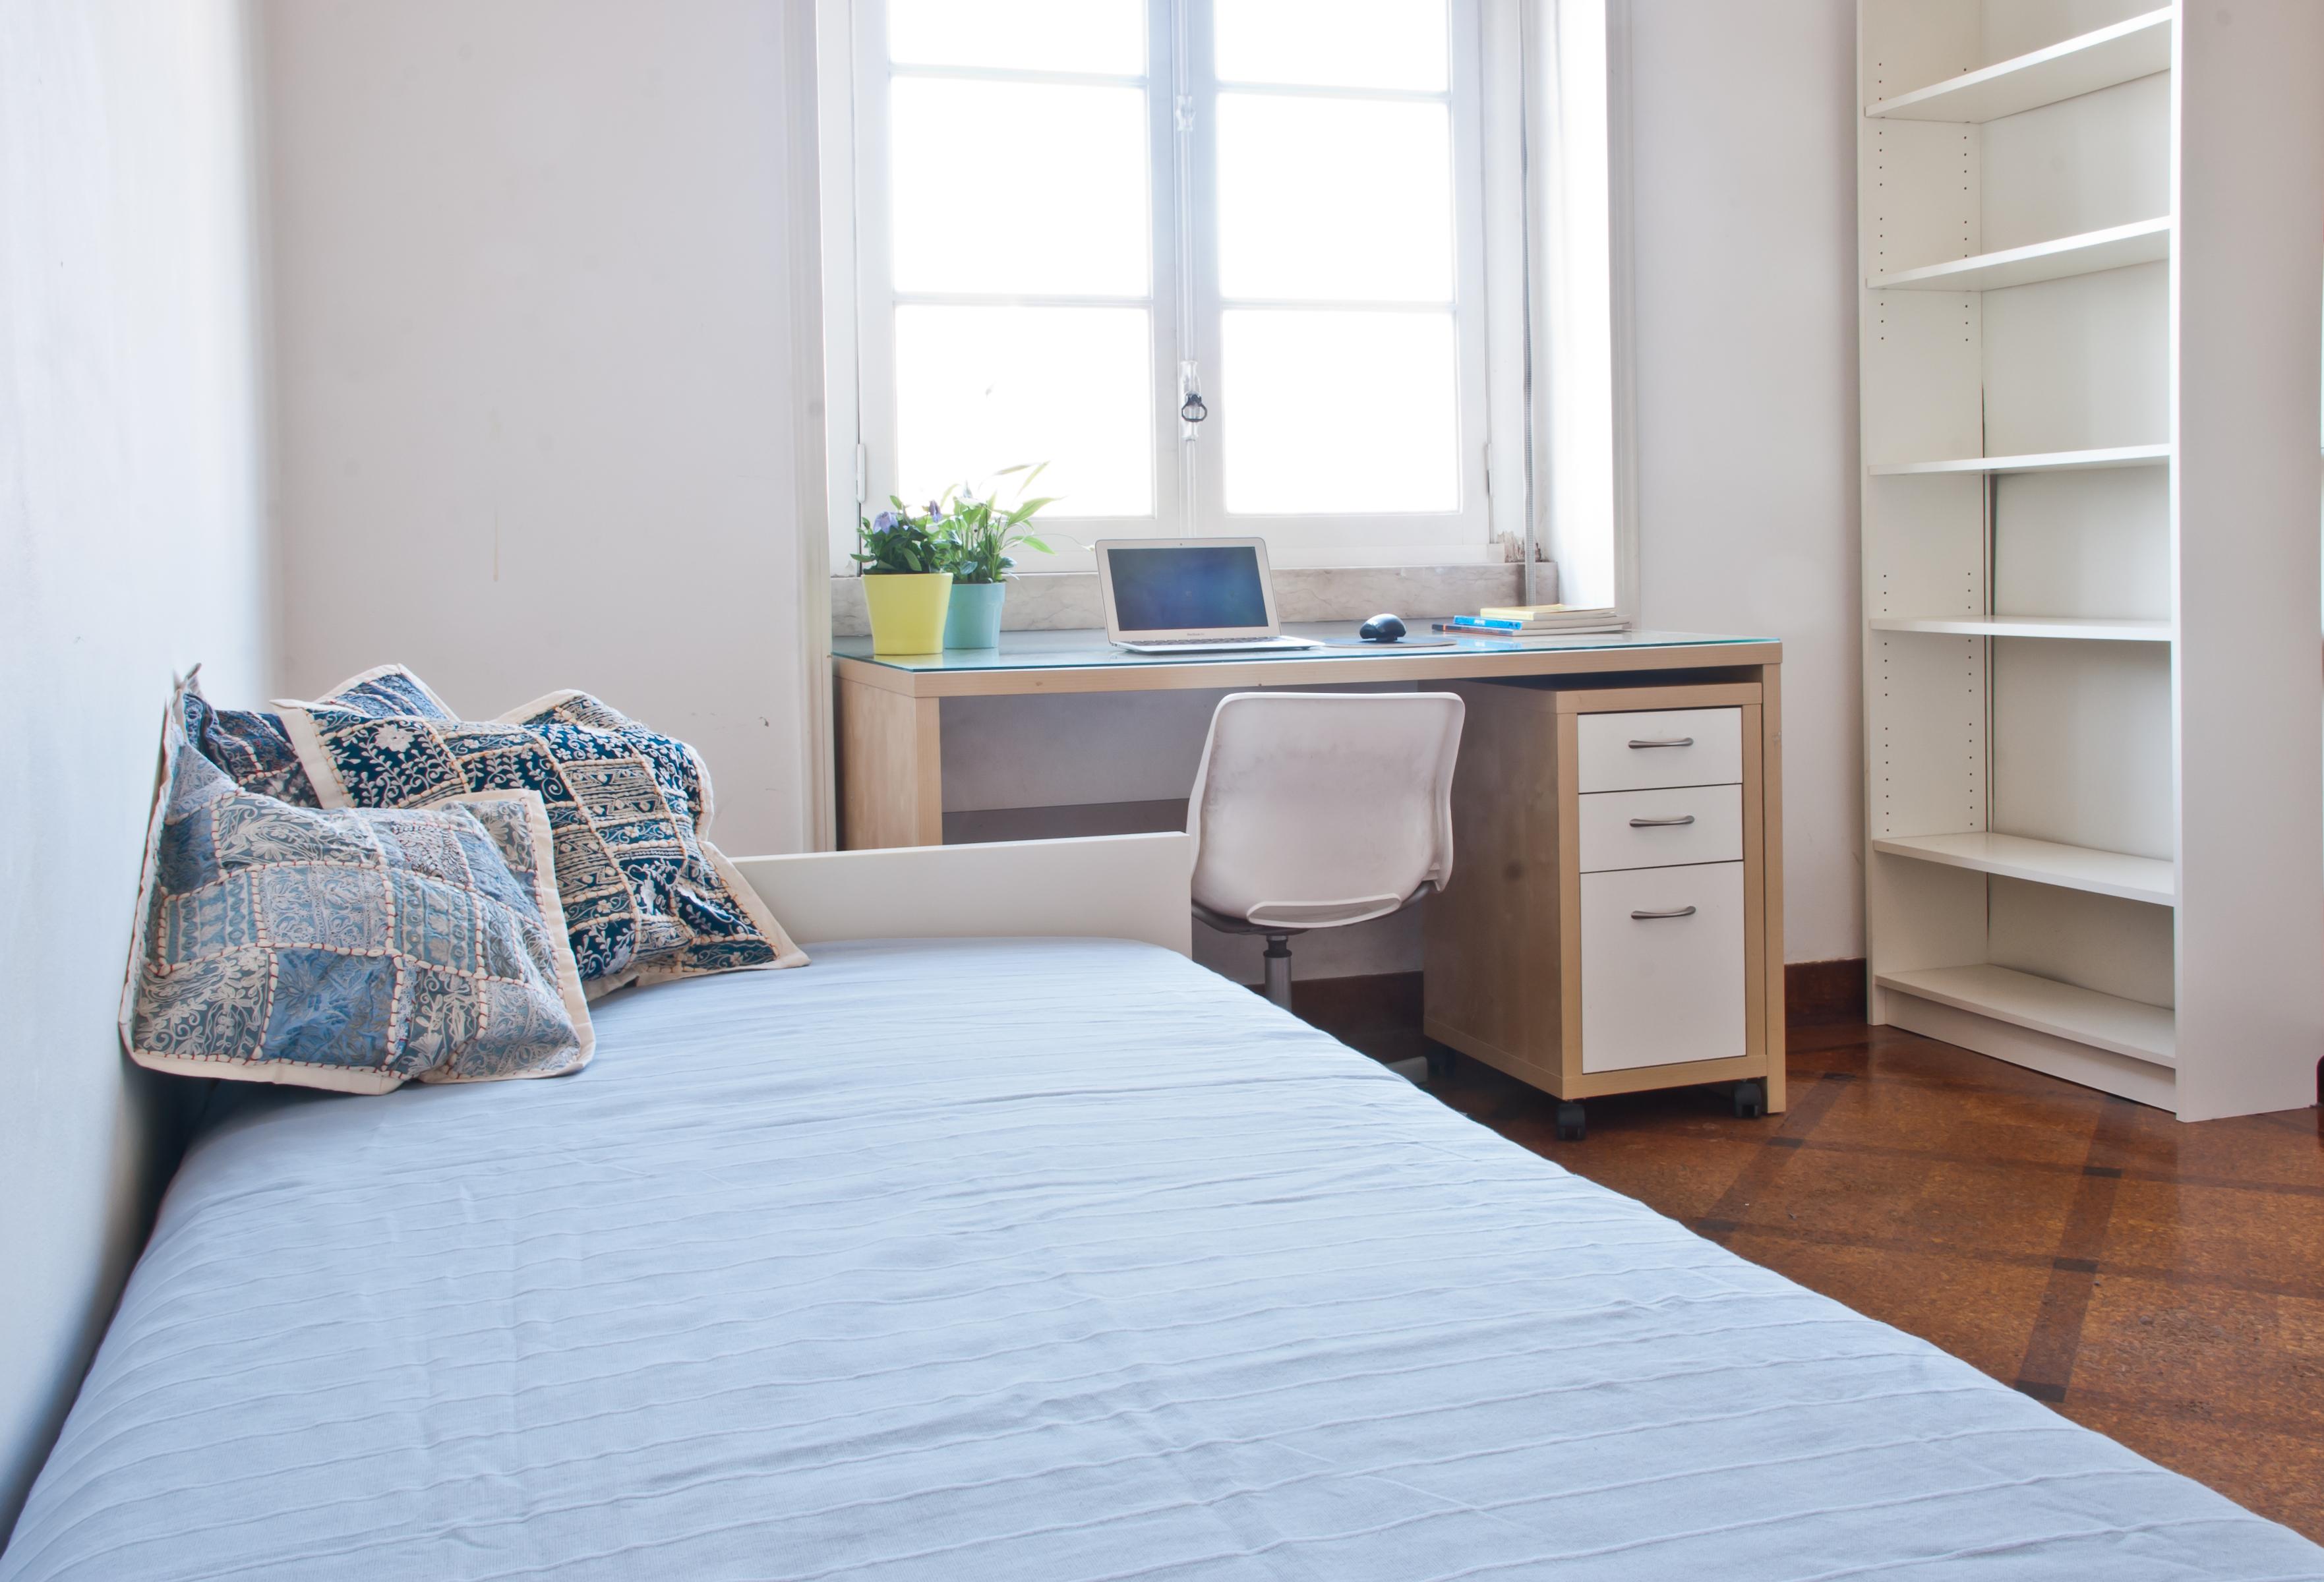 AL - Quarto.Room nº2, nº3 - Foto 2.jpg